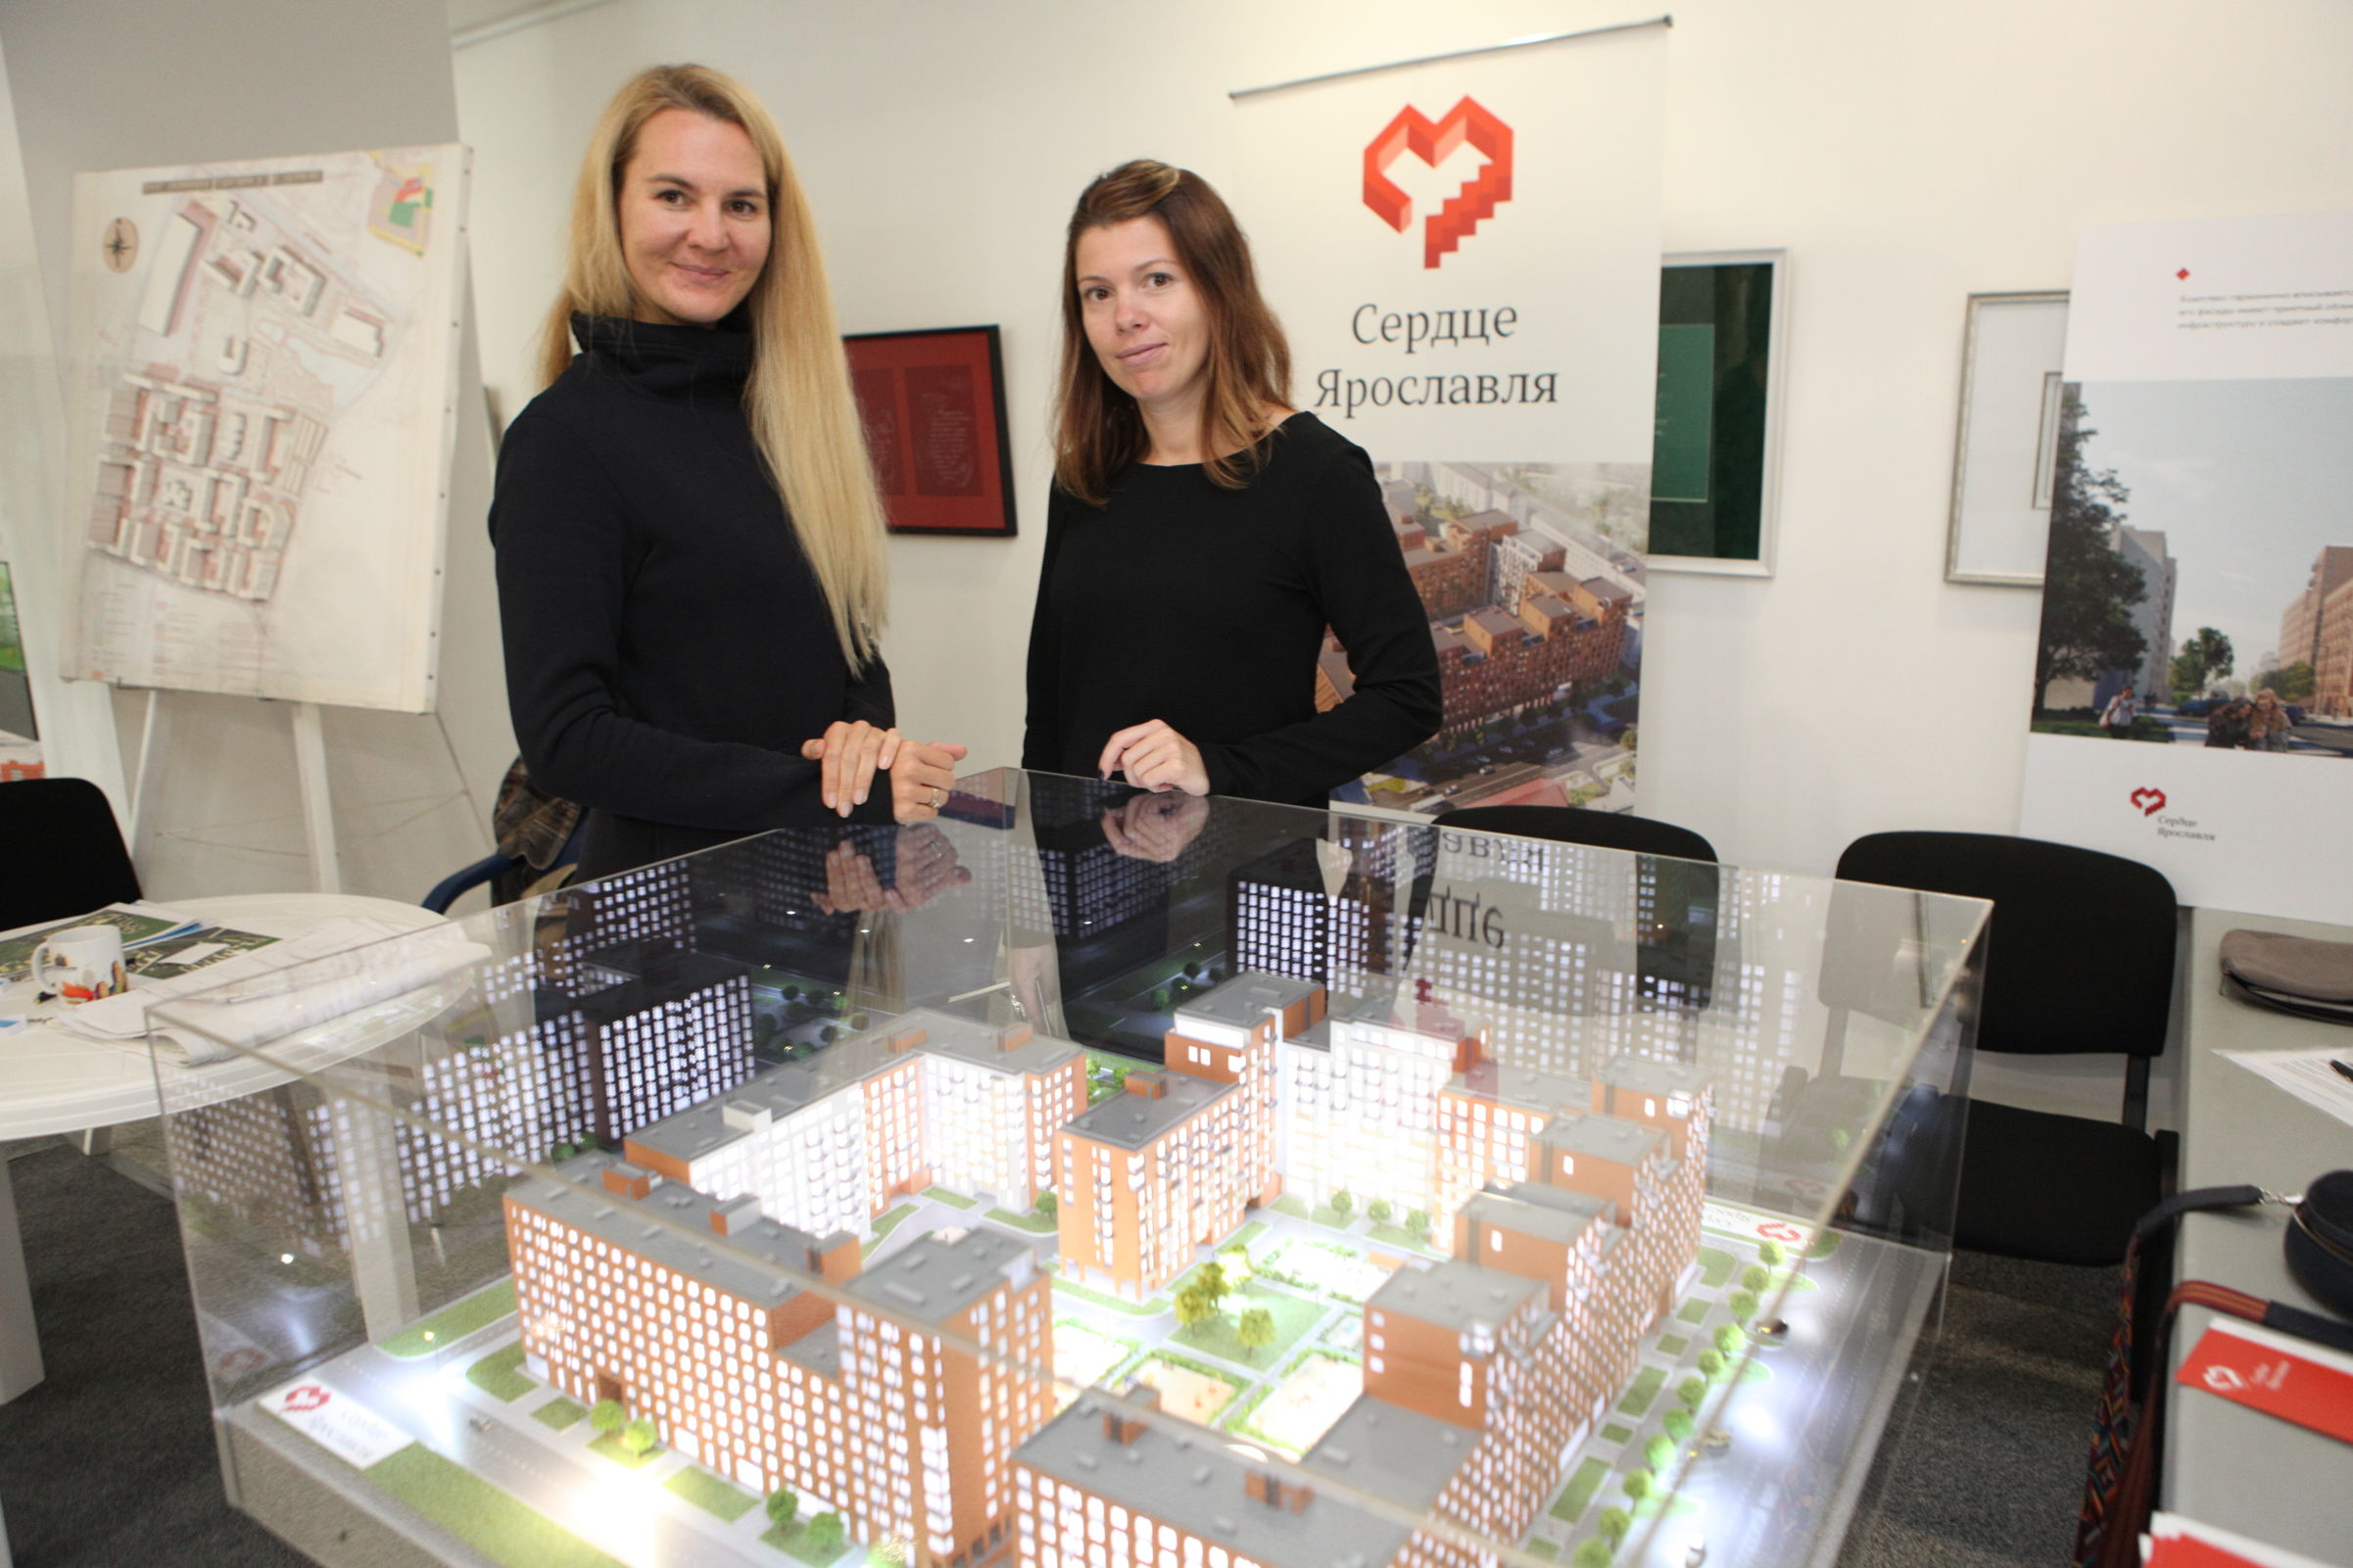 Реновация, новый спорткомплекс и современный микрорайон: что в ближайшее время построят в Ярославле